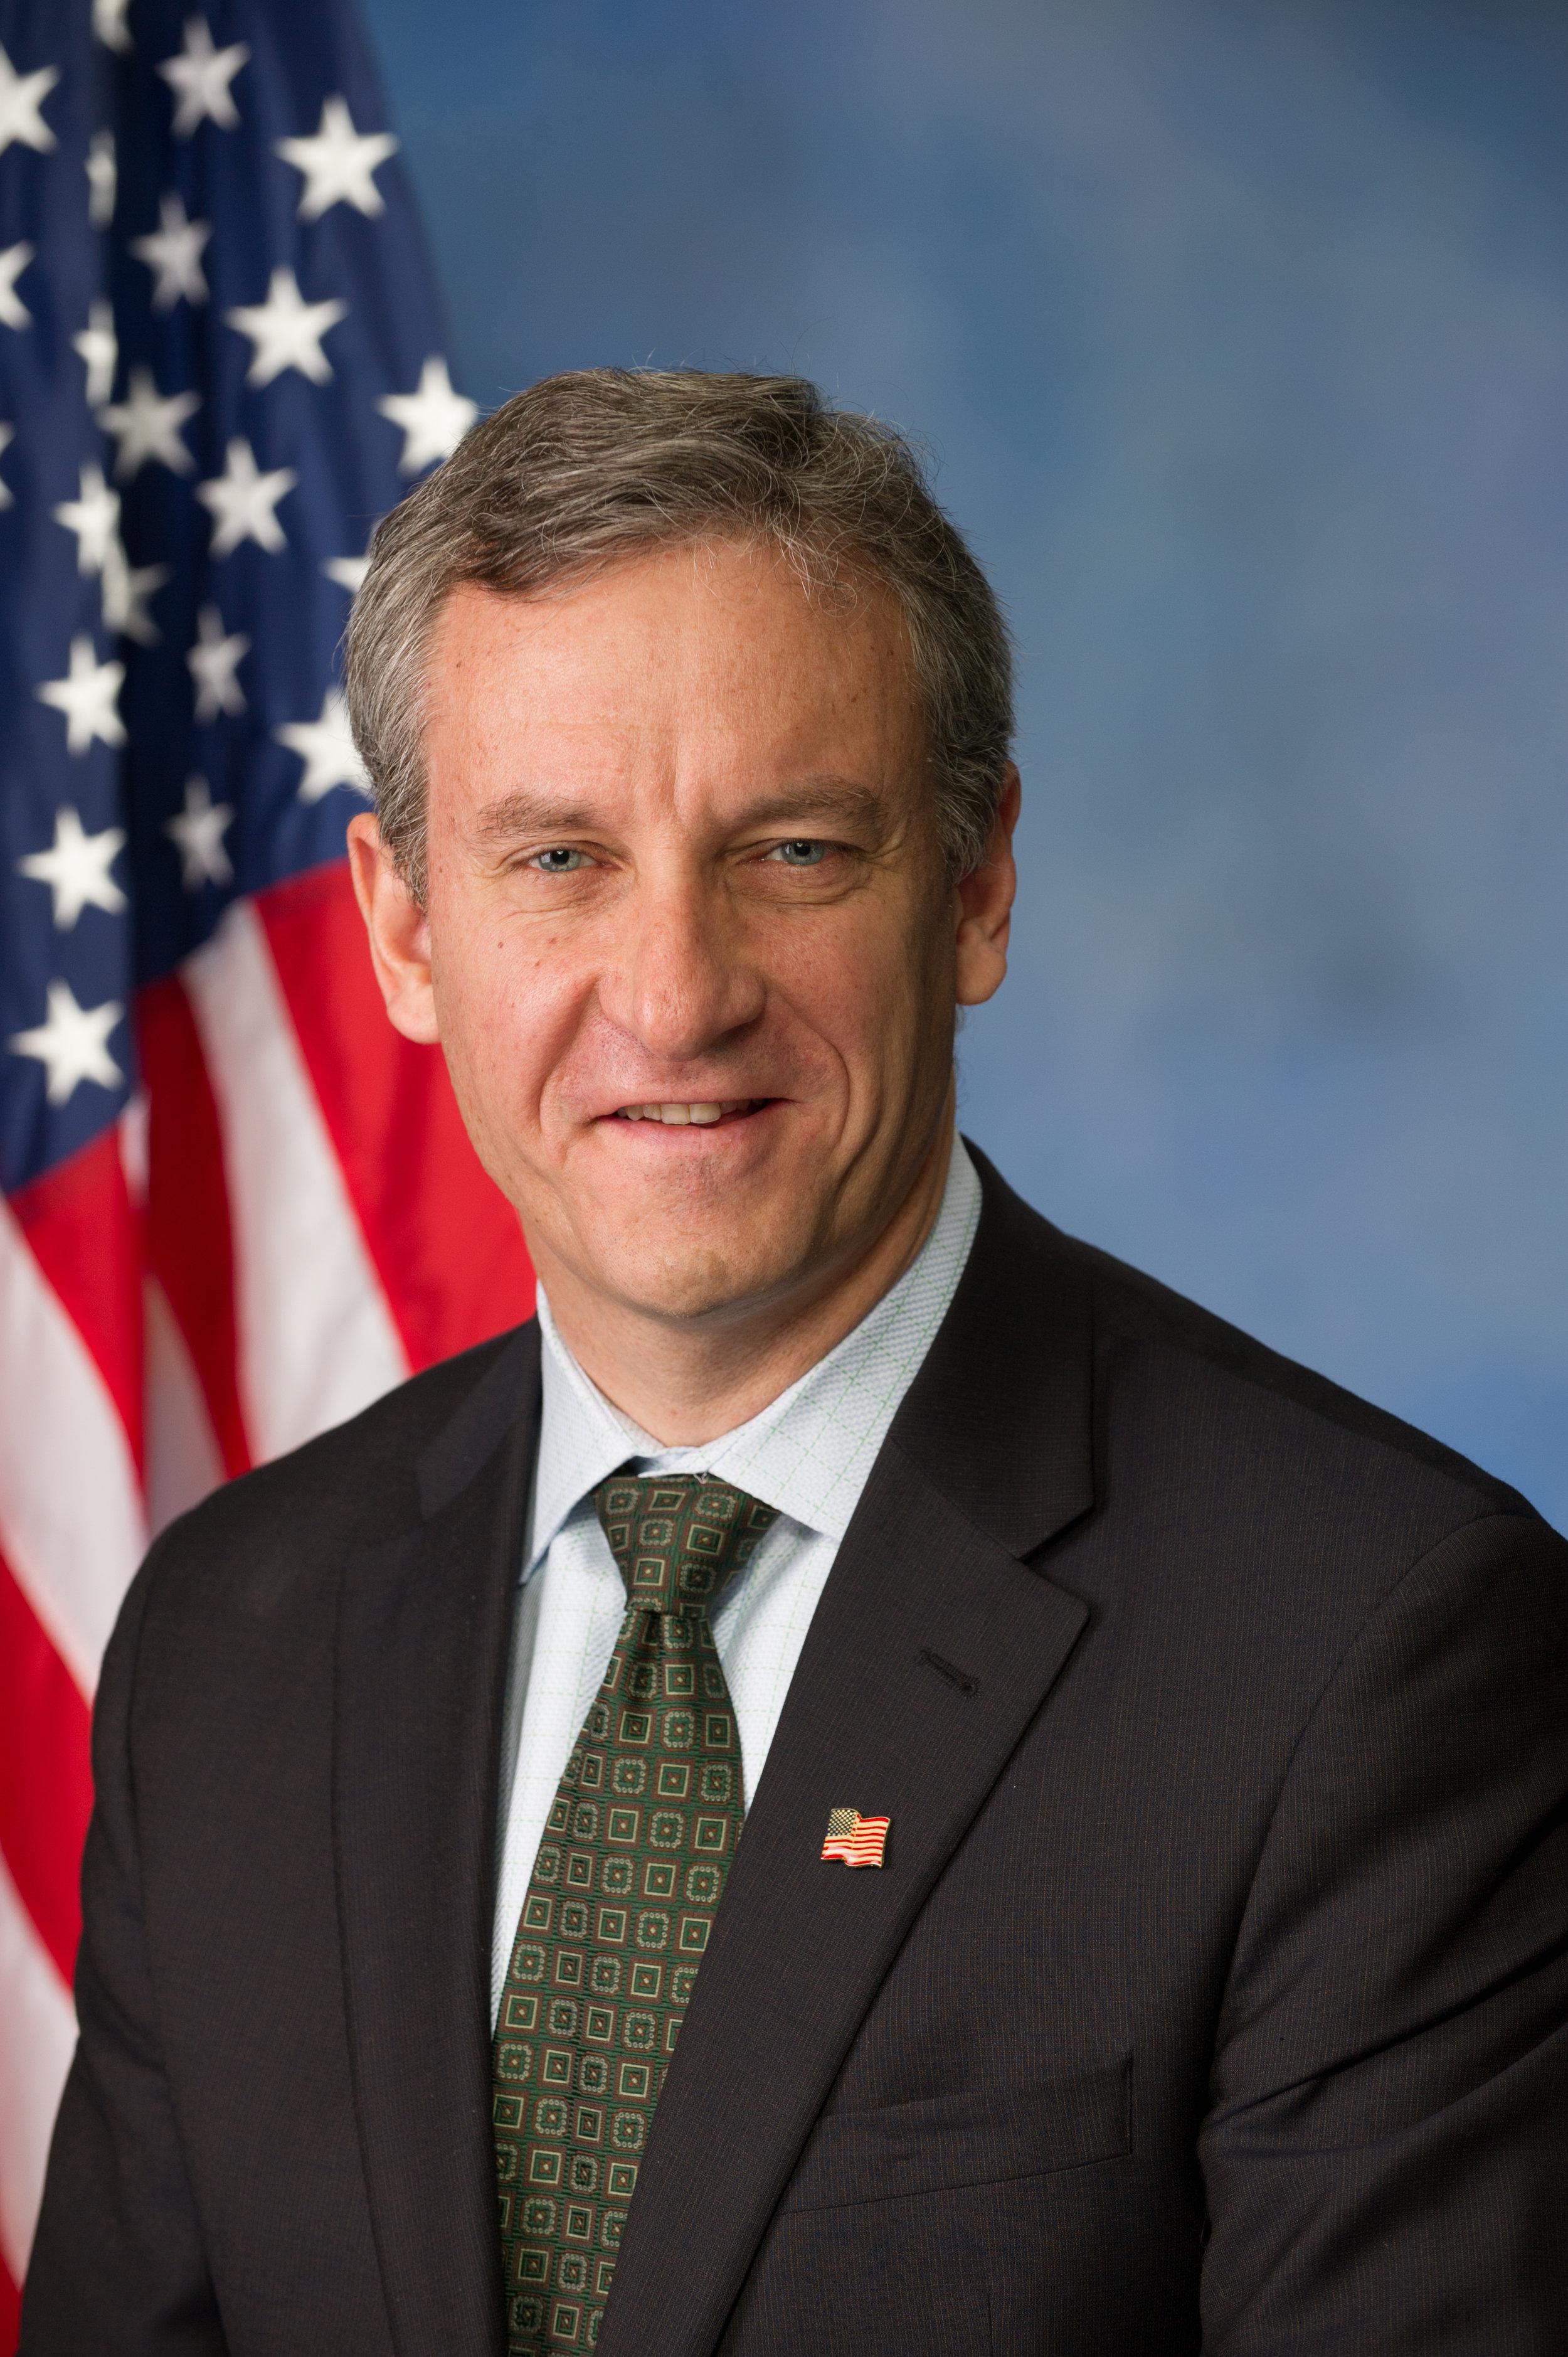 Rep. Matt Cartwright, PA 8